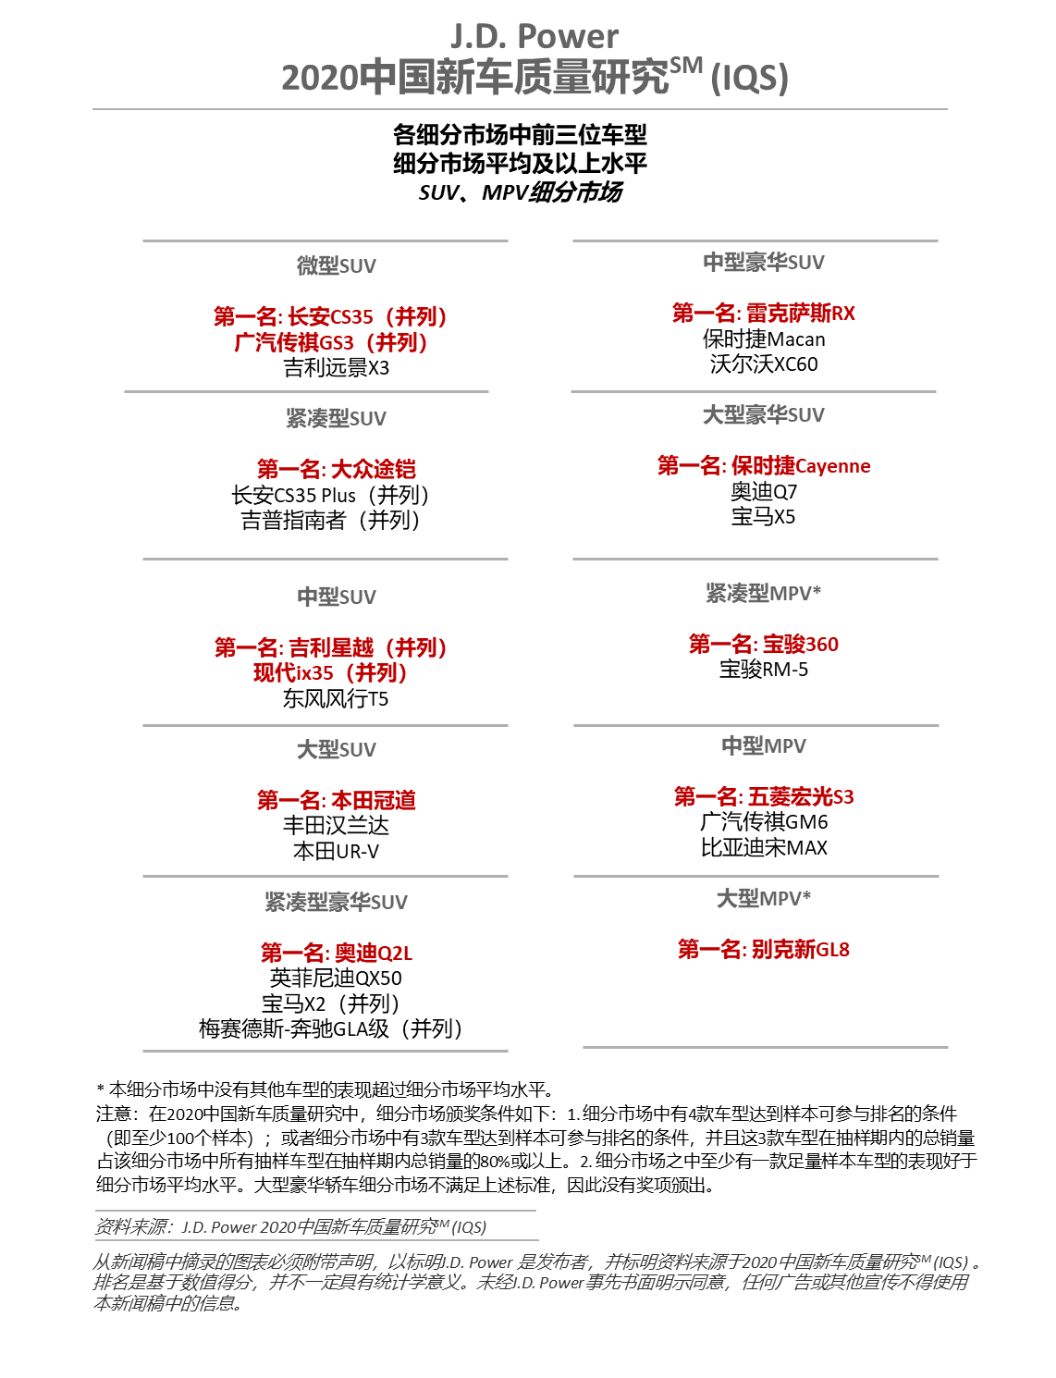 【新闻发布】J.D. Power发布2020中国新车质量研究:四分之一车主因质量或性能好购买自主品牌2828.png